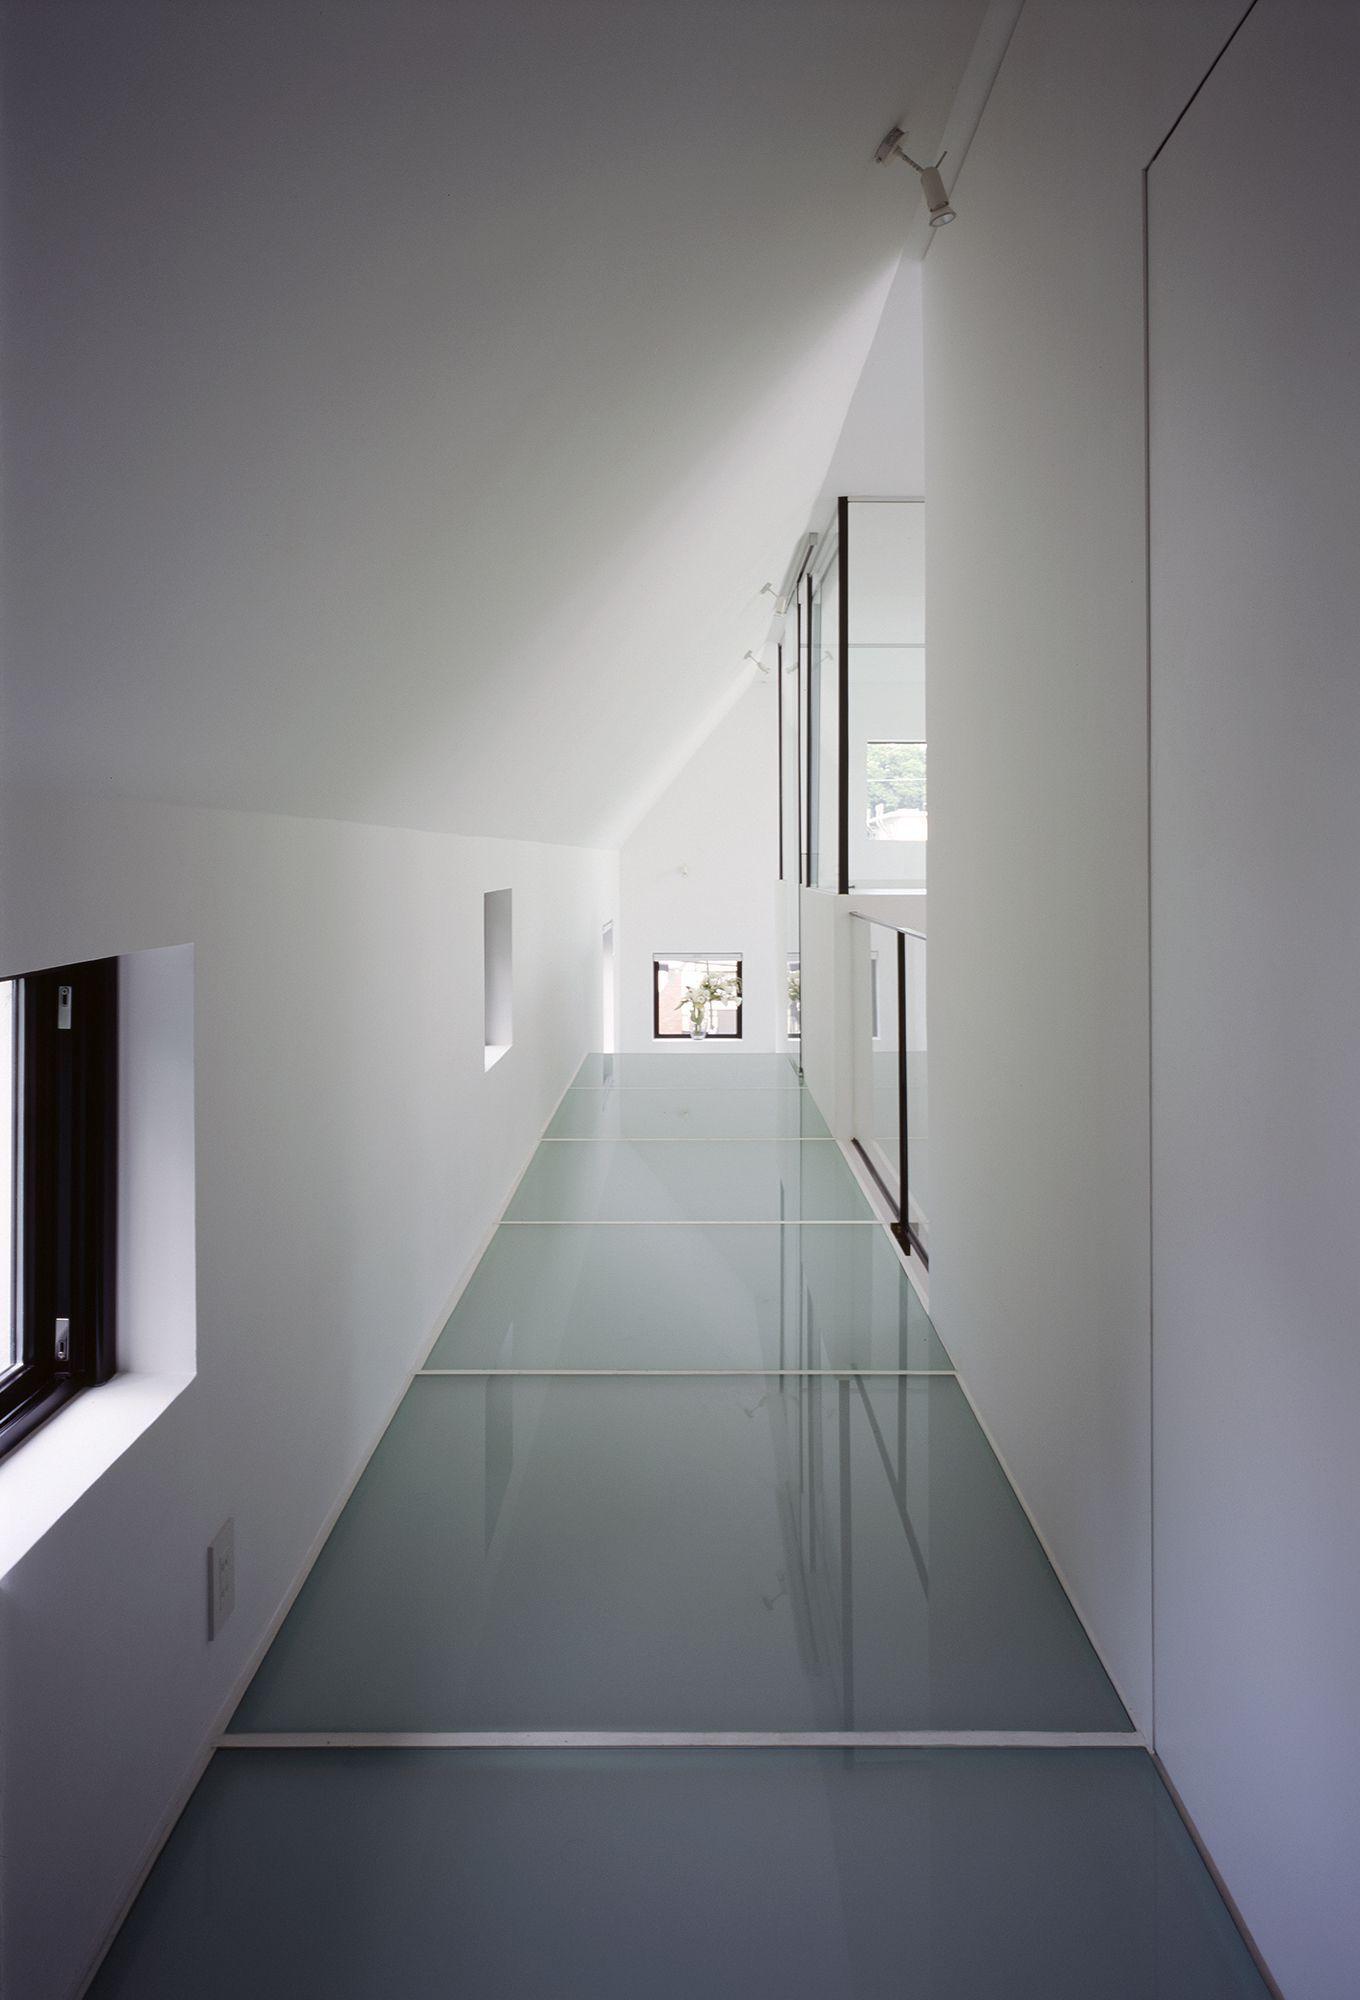 014_Air corridor